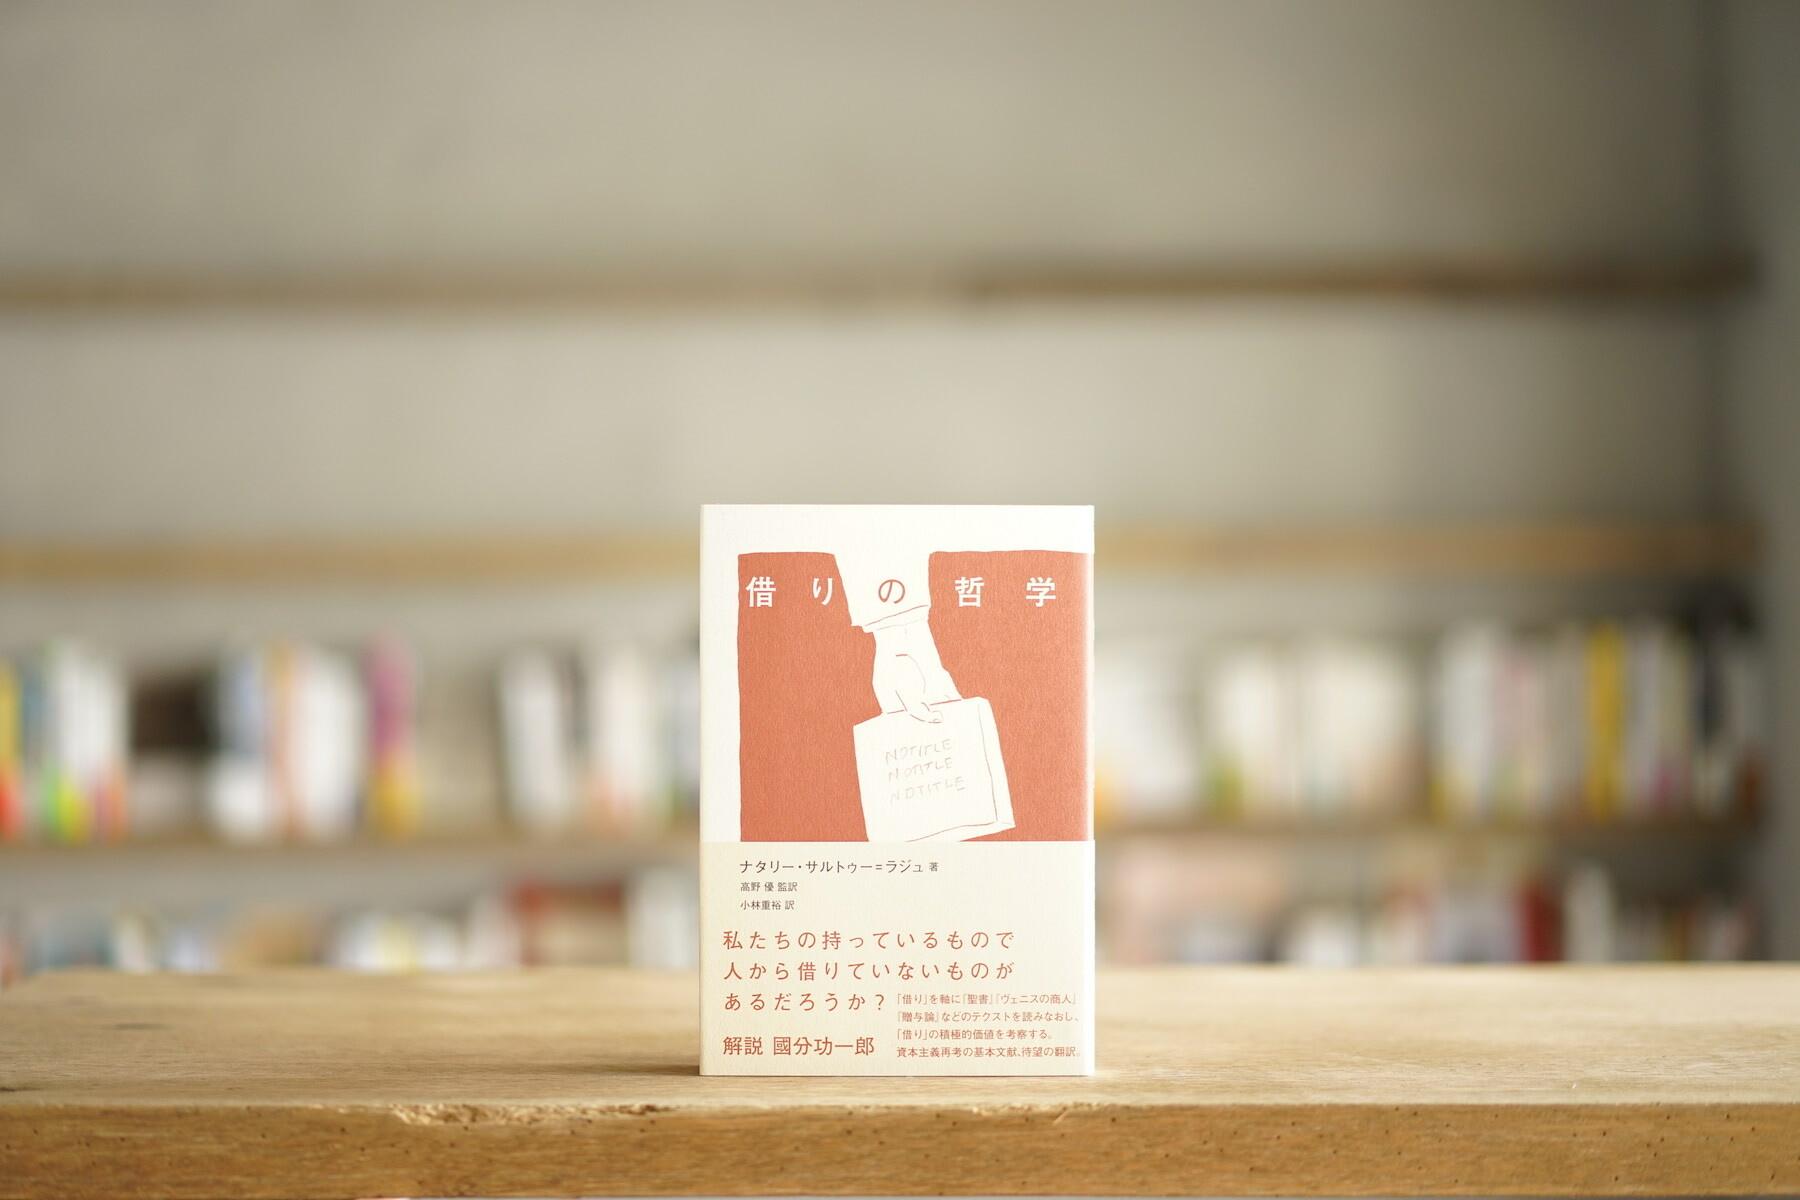 ナタリー・サリトゥー=ラジュ 監訳:高野優、訳:小林重裕 『借りの哲学』 (太田出版、2014)